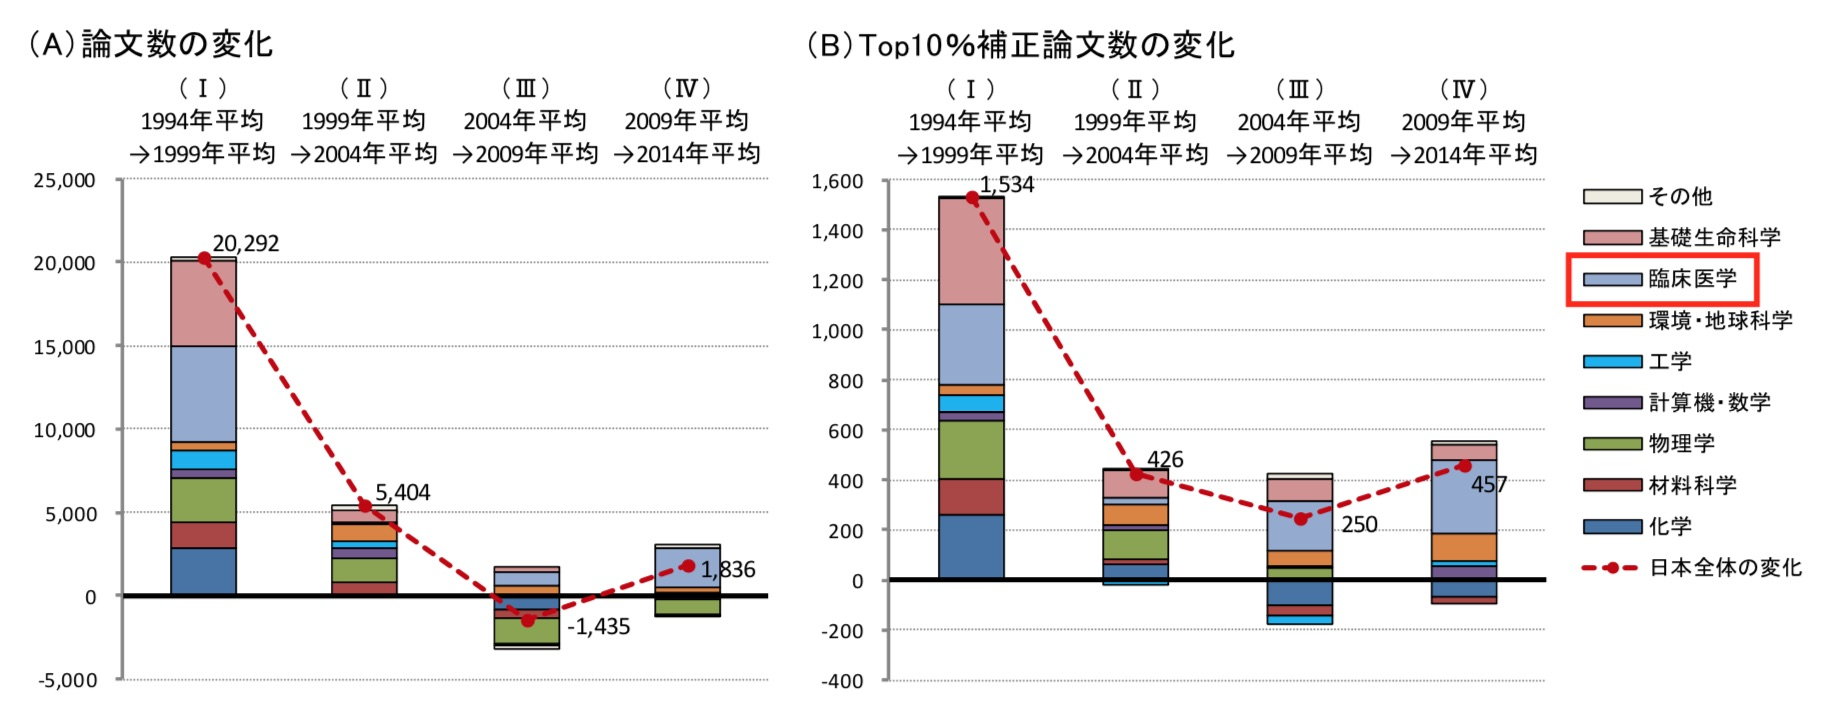 図1. 日本の論文数(A)およびTop10%補正論文数(B)の変化